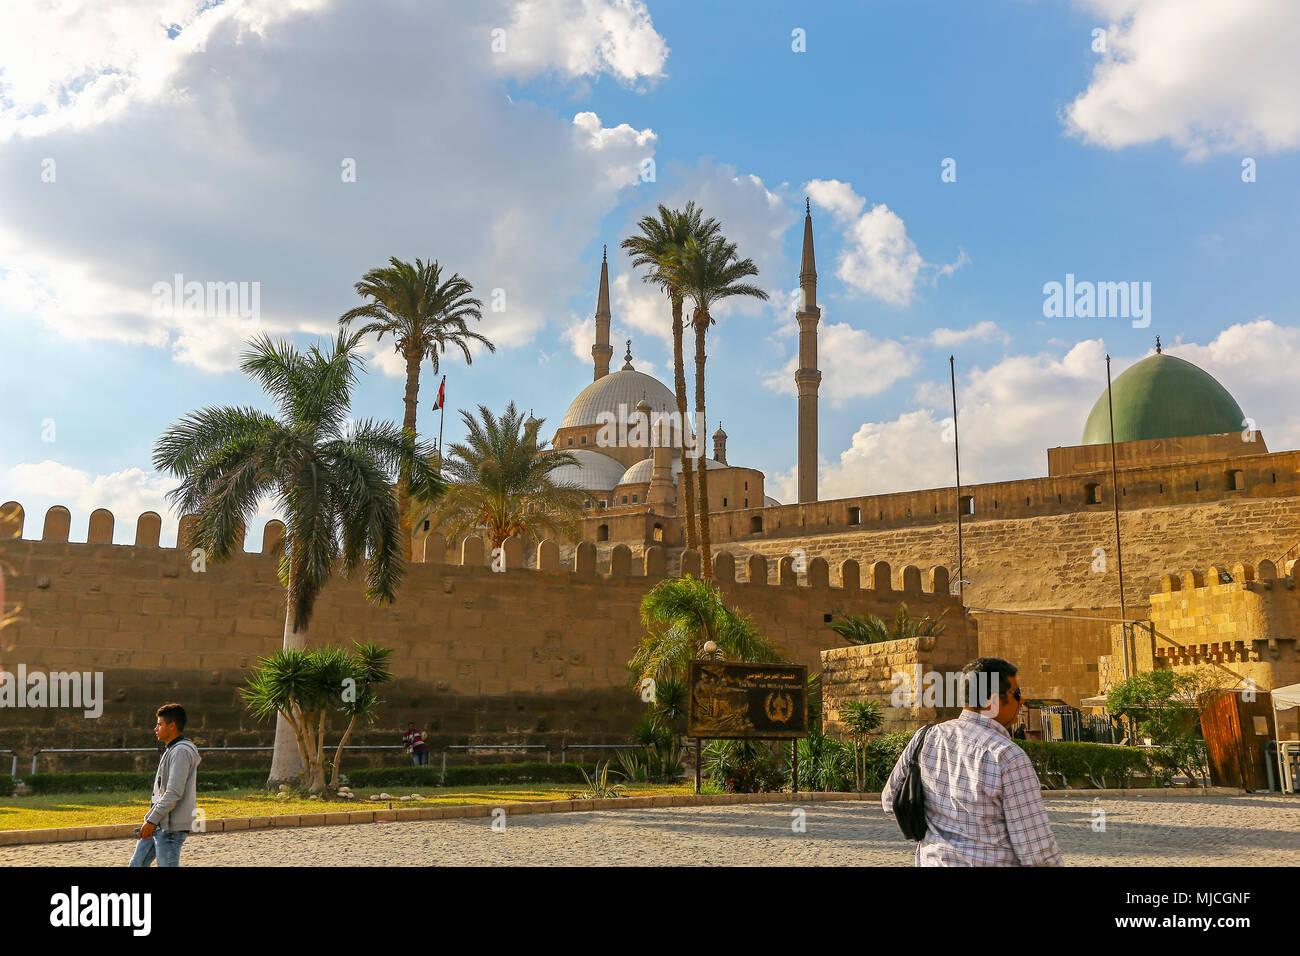 La Citadelle du Caire sur la colline du Mokattam près du centre-ville, est une cité médiévale fortification islamique au Caire, Egypte, Afrique du Sud Photo Stock